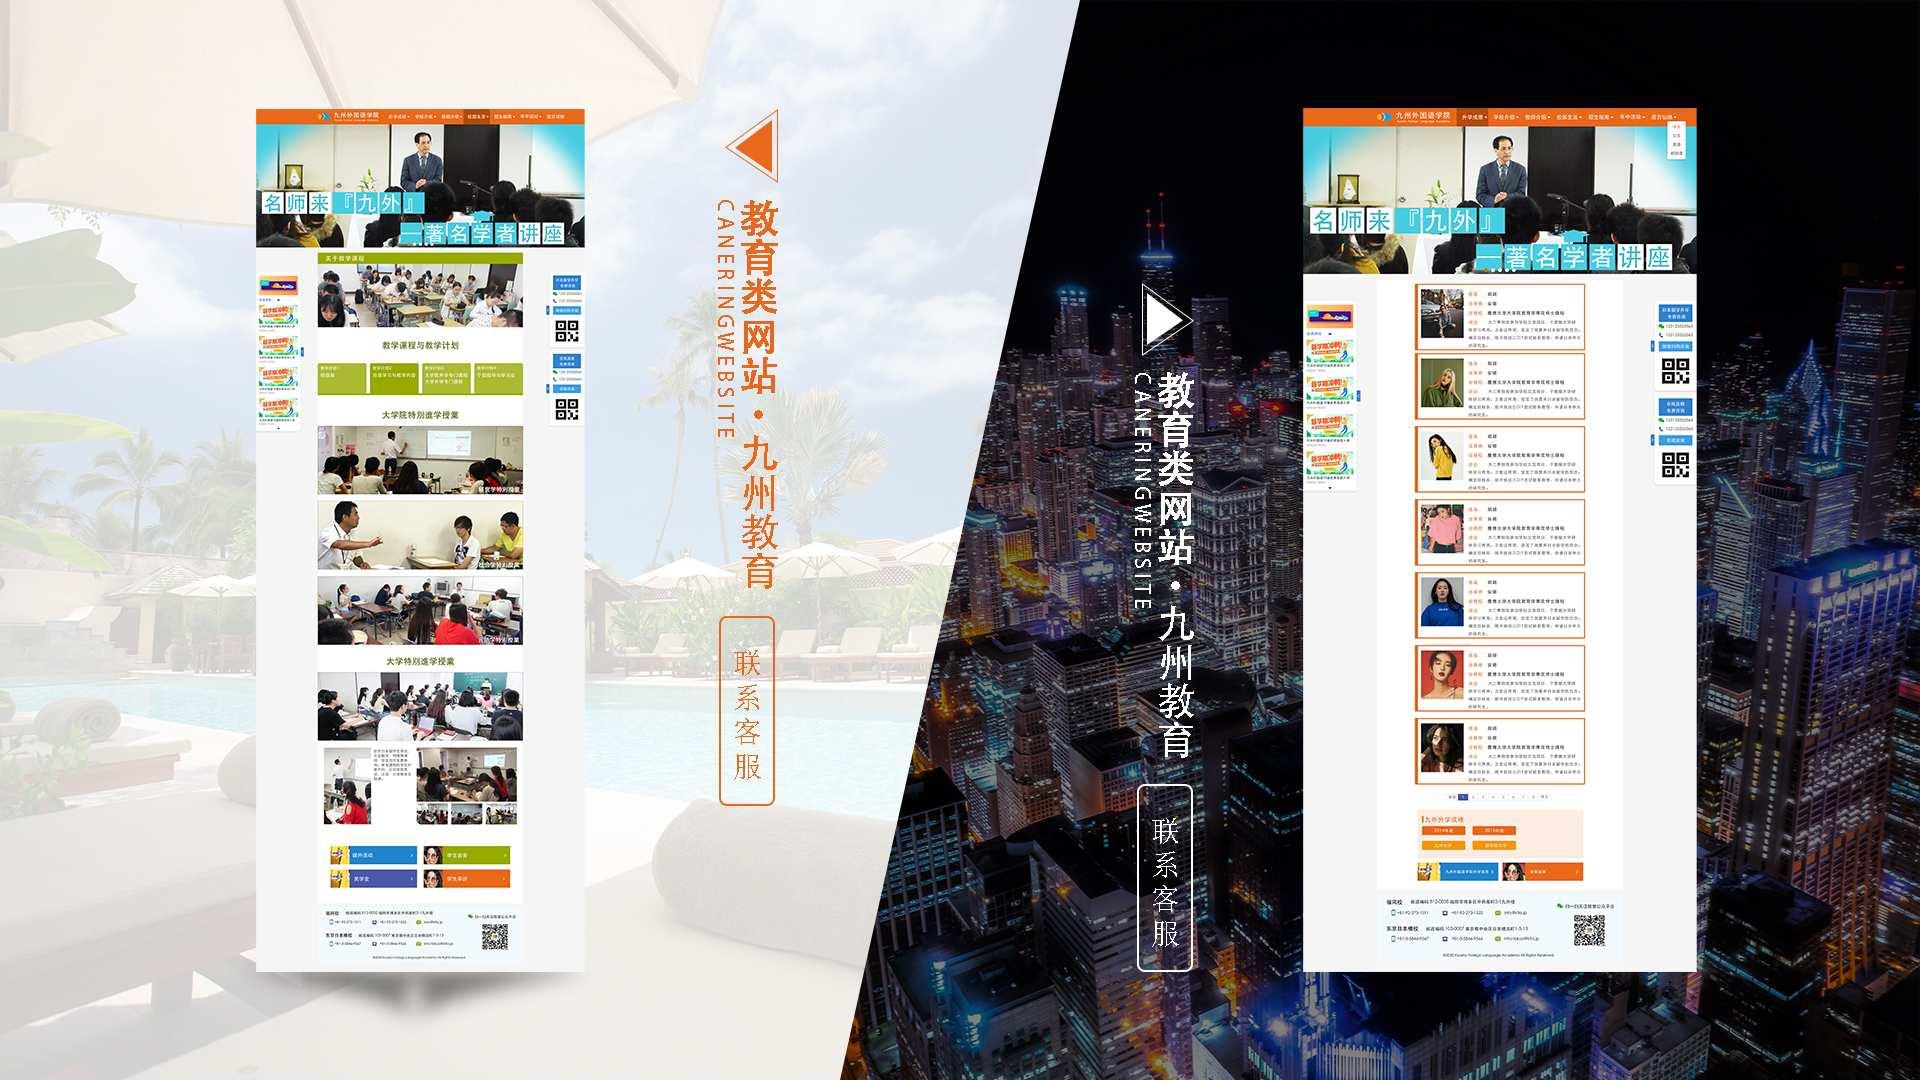 企业网站网站建设网站开发建设网站制作电商网站展示手机网站设计